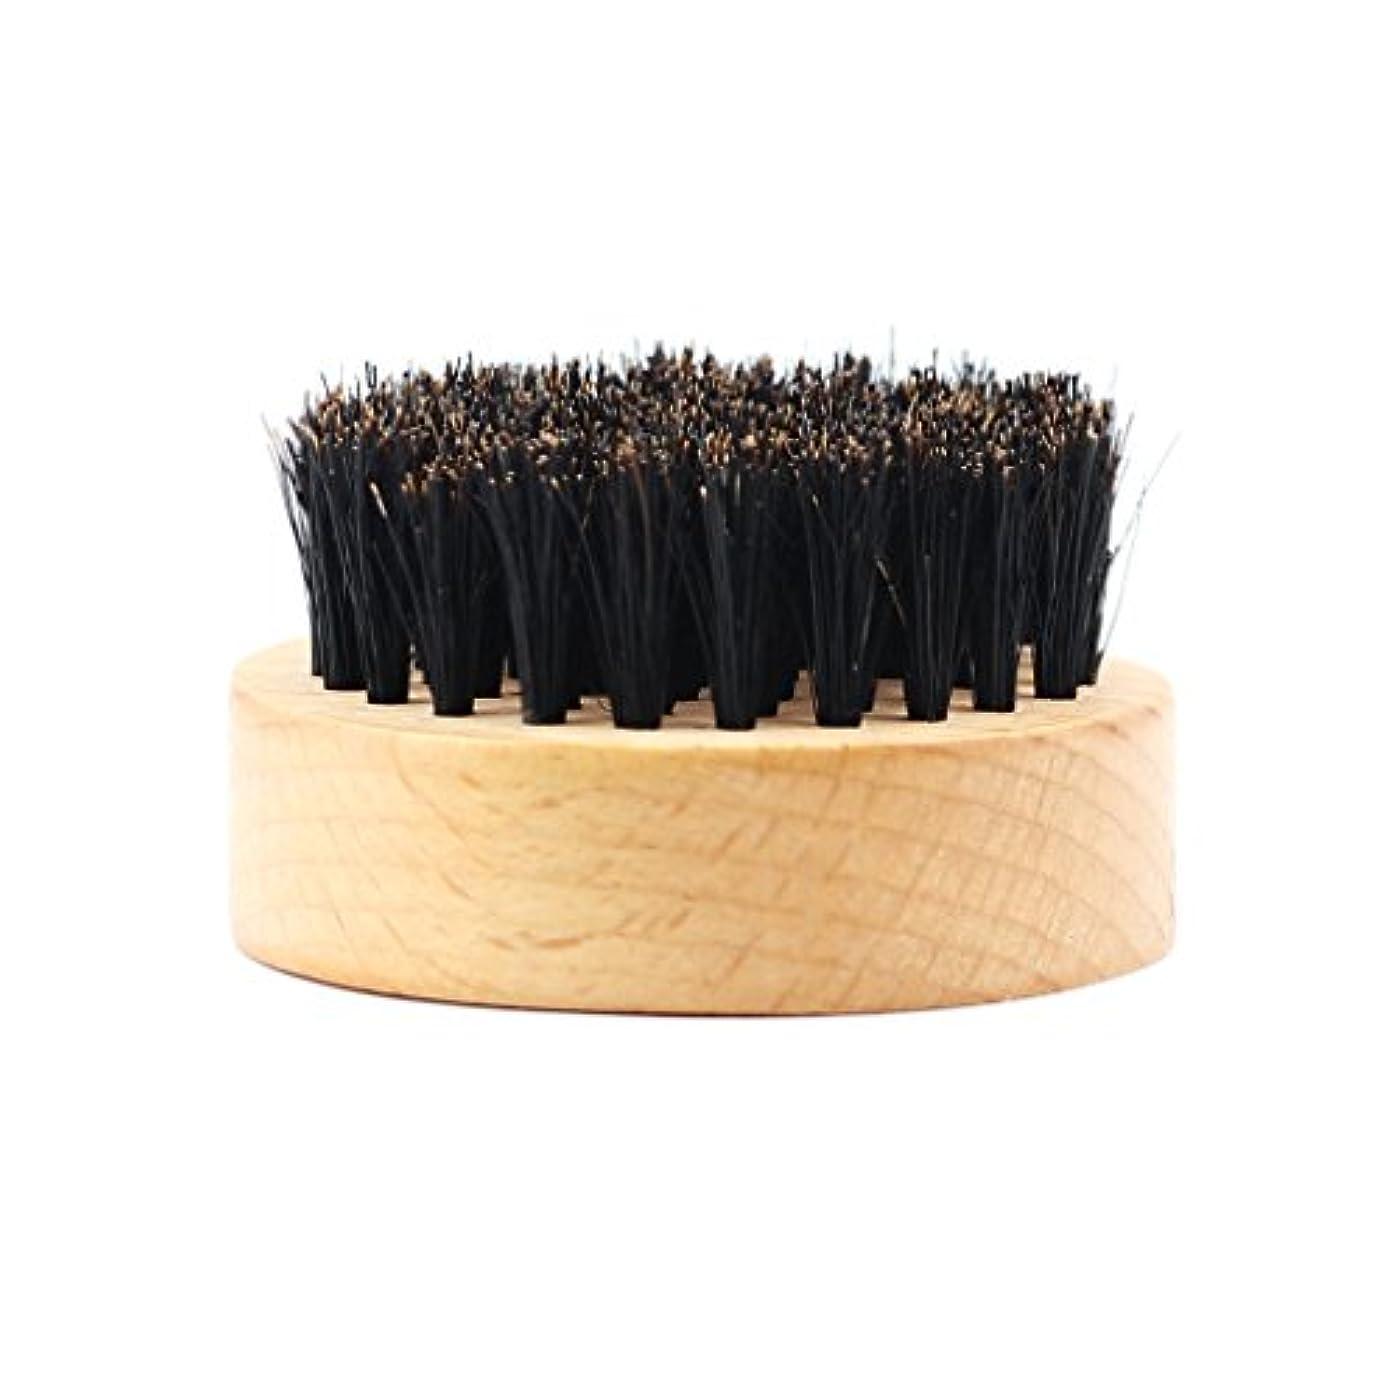 利用可能珍しい好戦的なHomyl 髭ブラシ 男性 ひげ剃り 天然木ハンドル ひげそり グルーミング 2タイプ選べる - #2